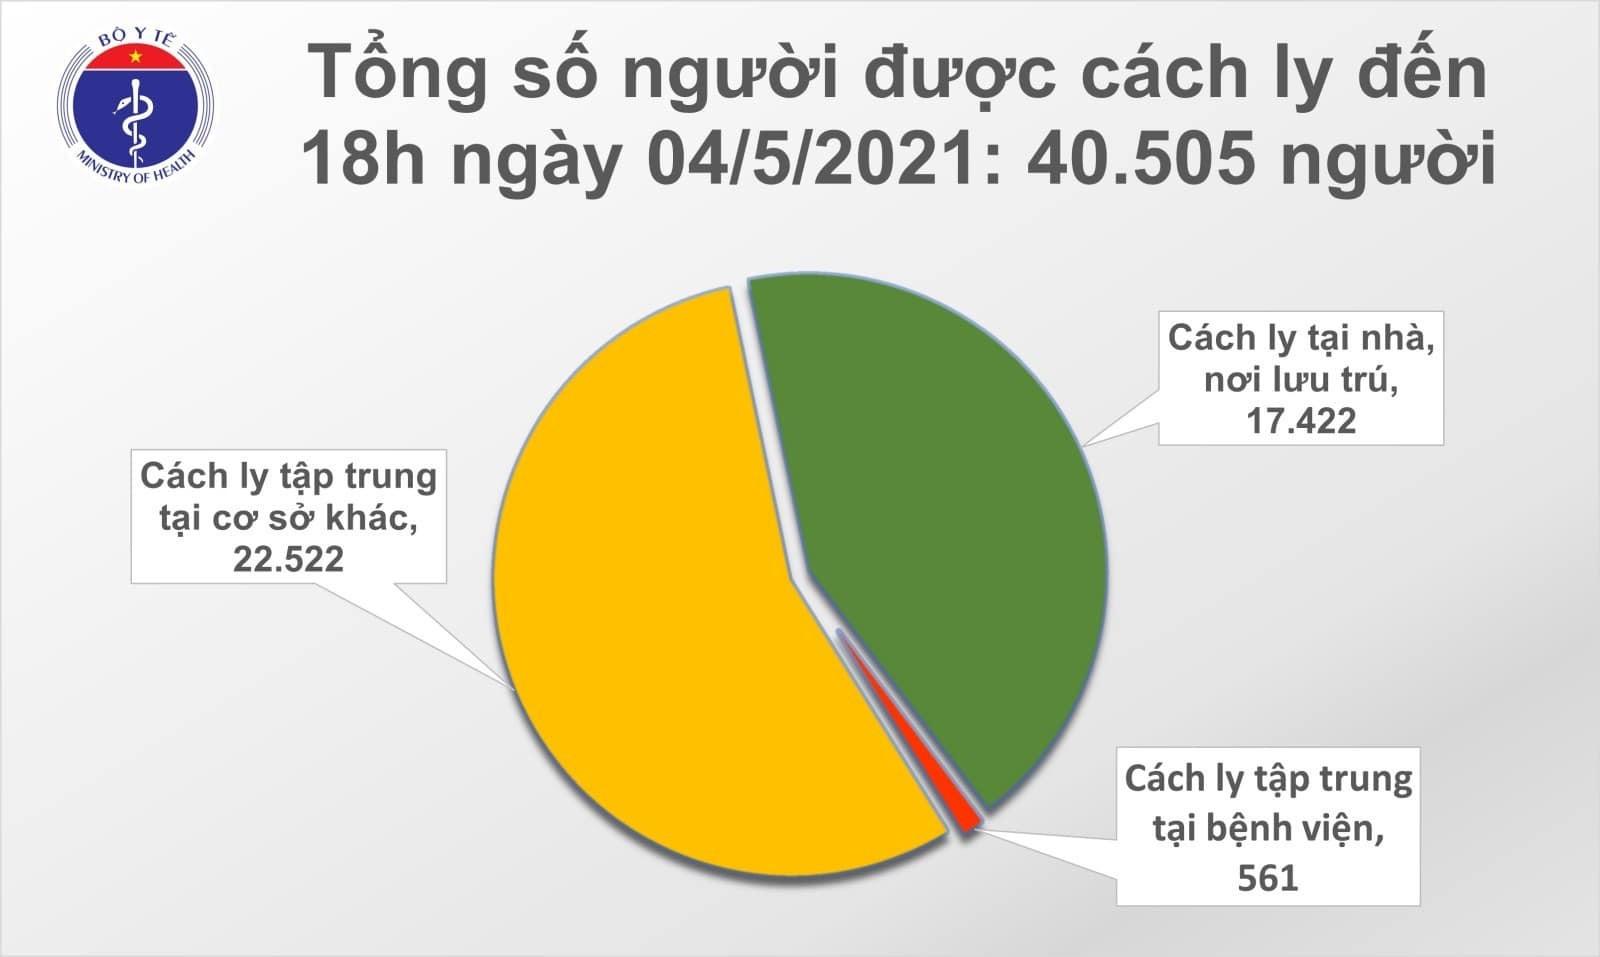 Thêm 11 ca COVID-19, 1 trường hợp lây trong cộng đồng tại Đà Nẵng - 1